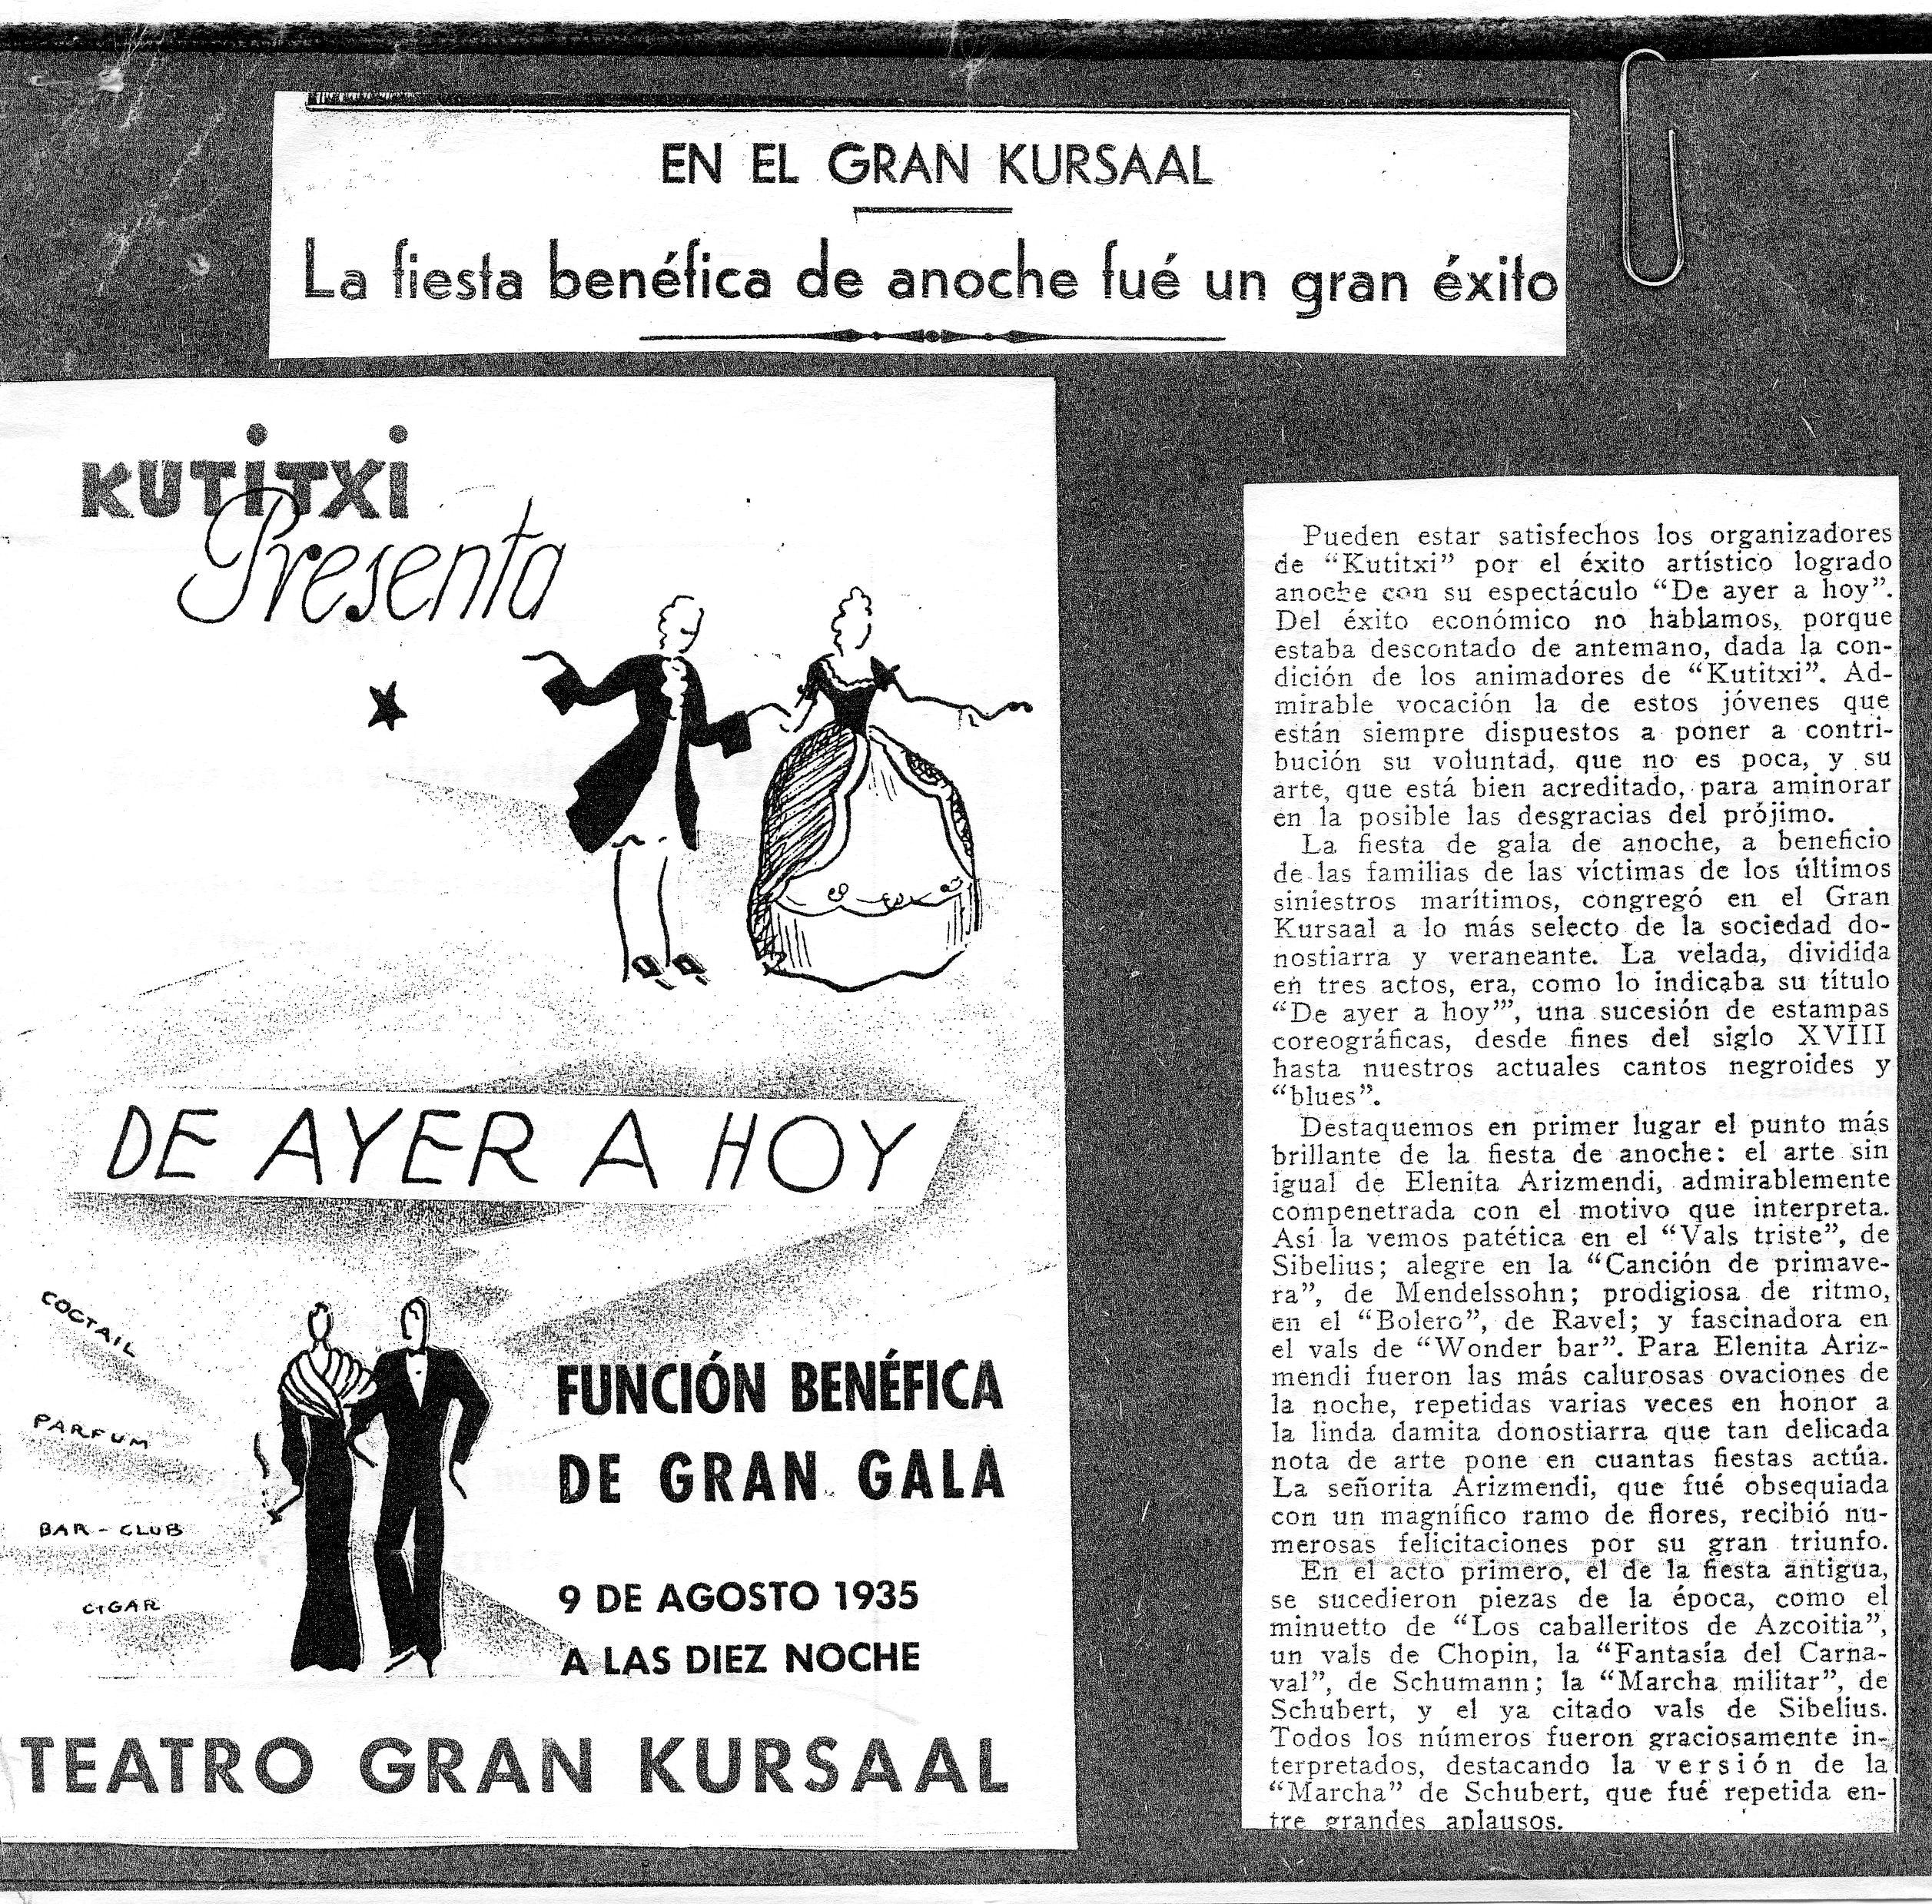 Artículo de prensa sobre una fiesta en el Gran Kursaal